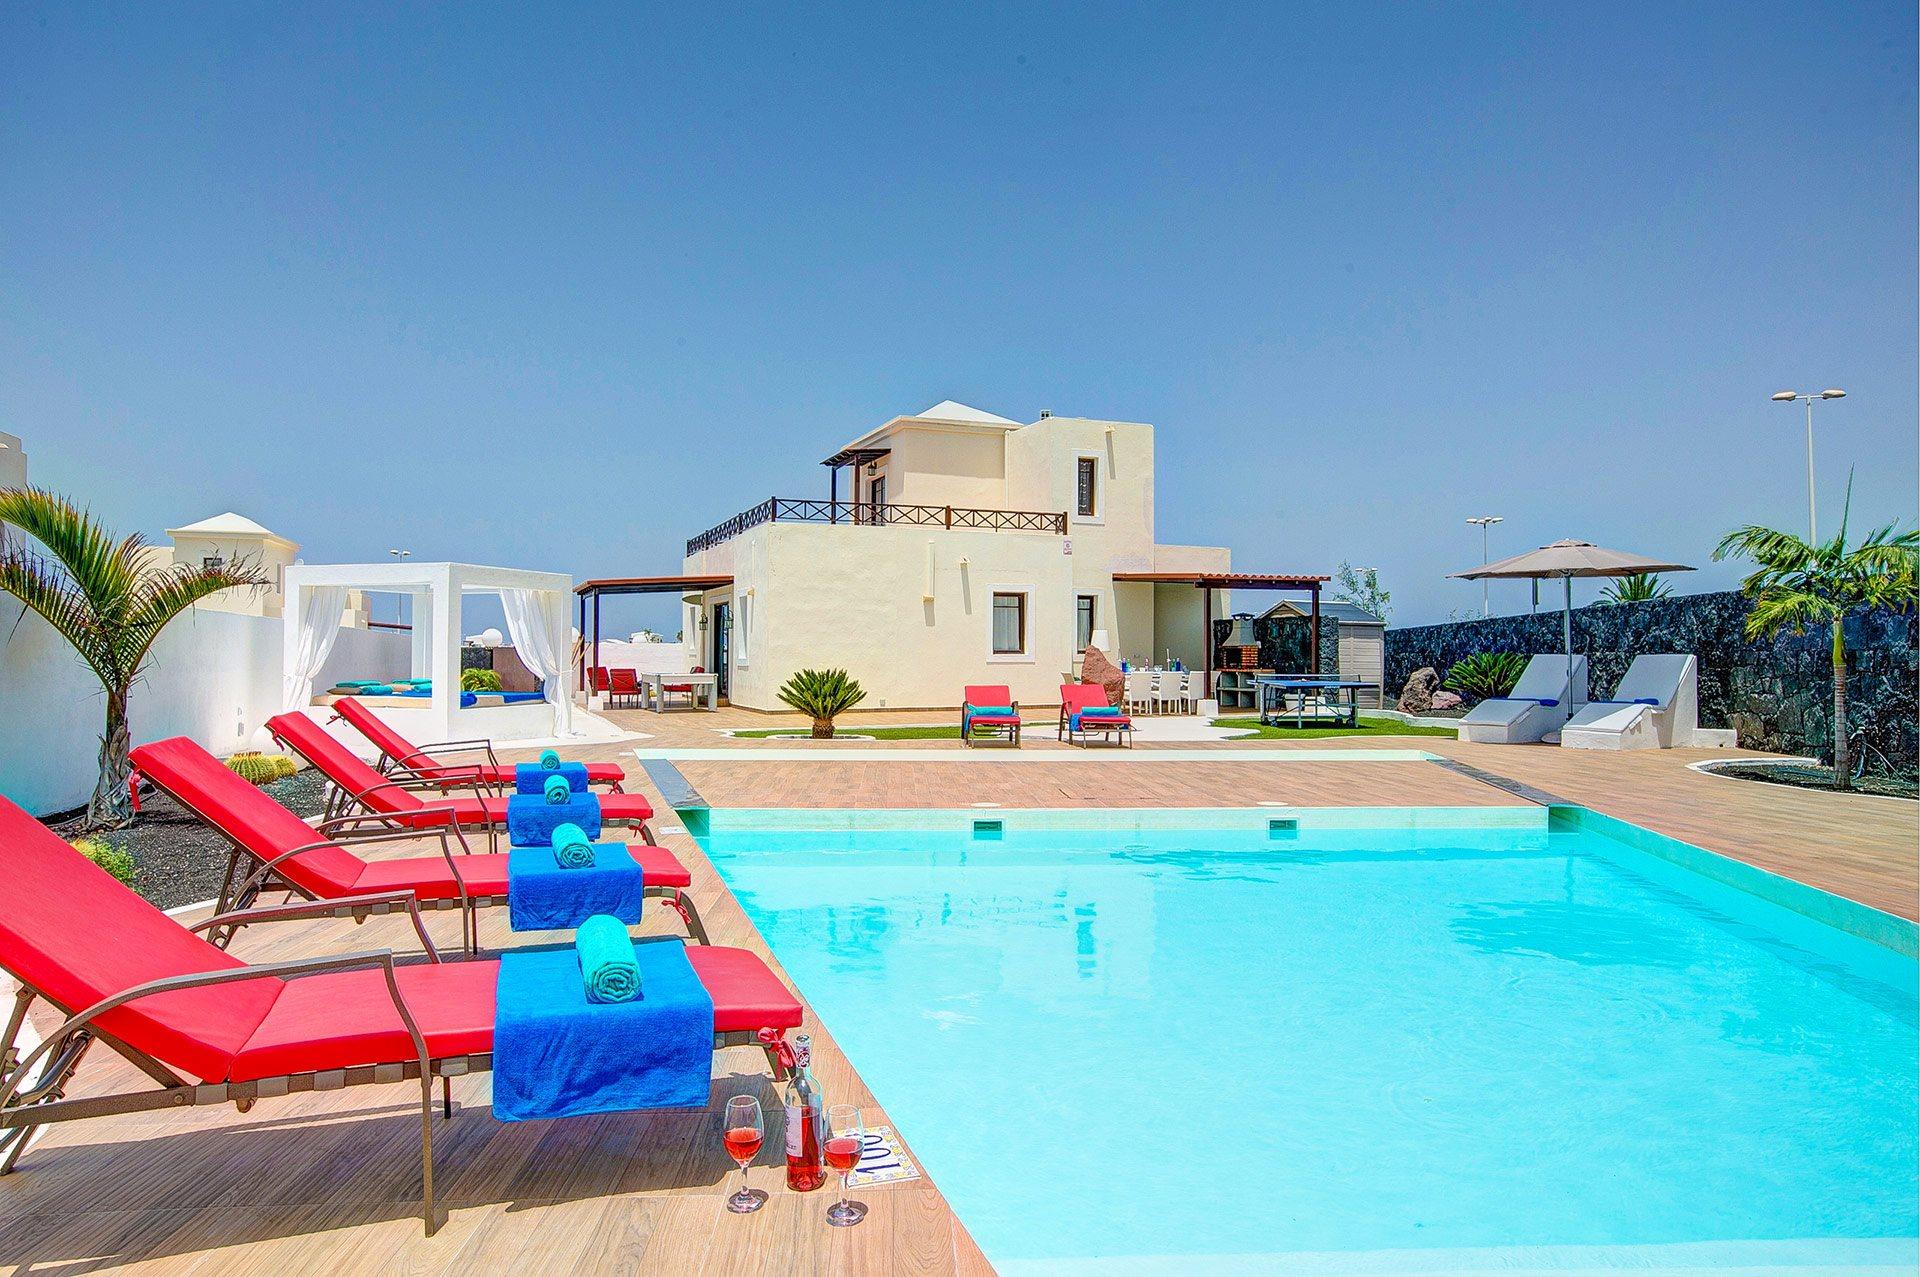 Villa Esmeralda Lanzarote, Playa Blanca, Lanzarote